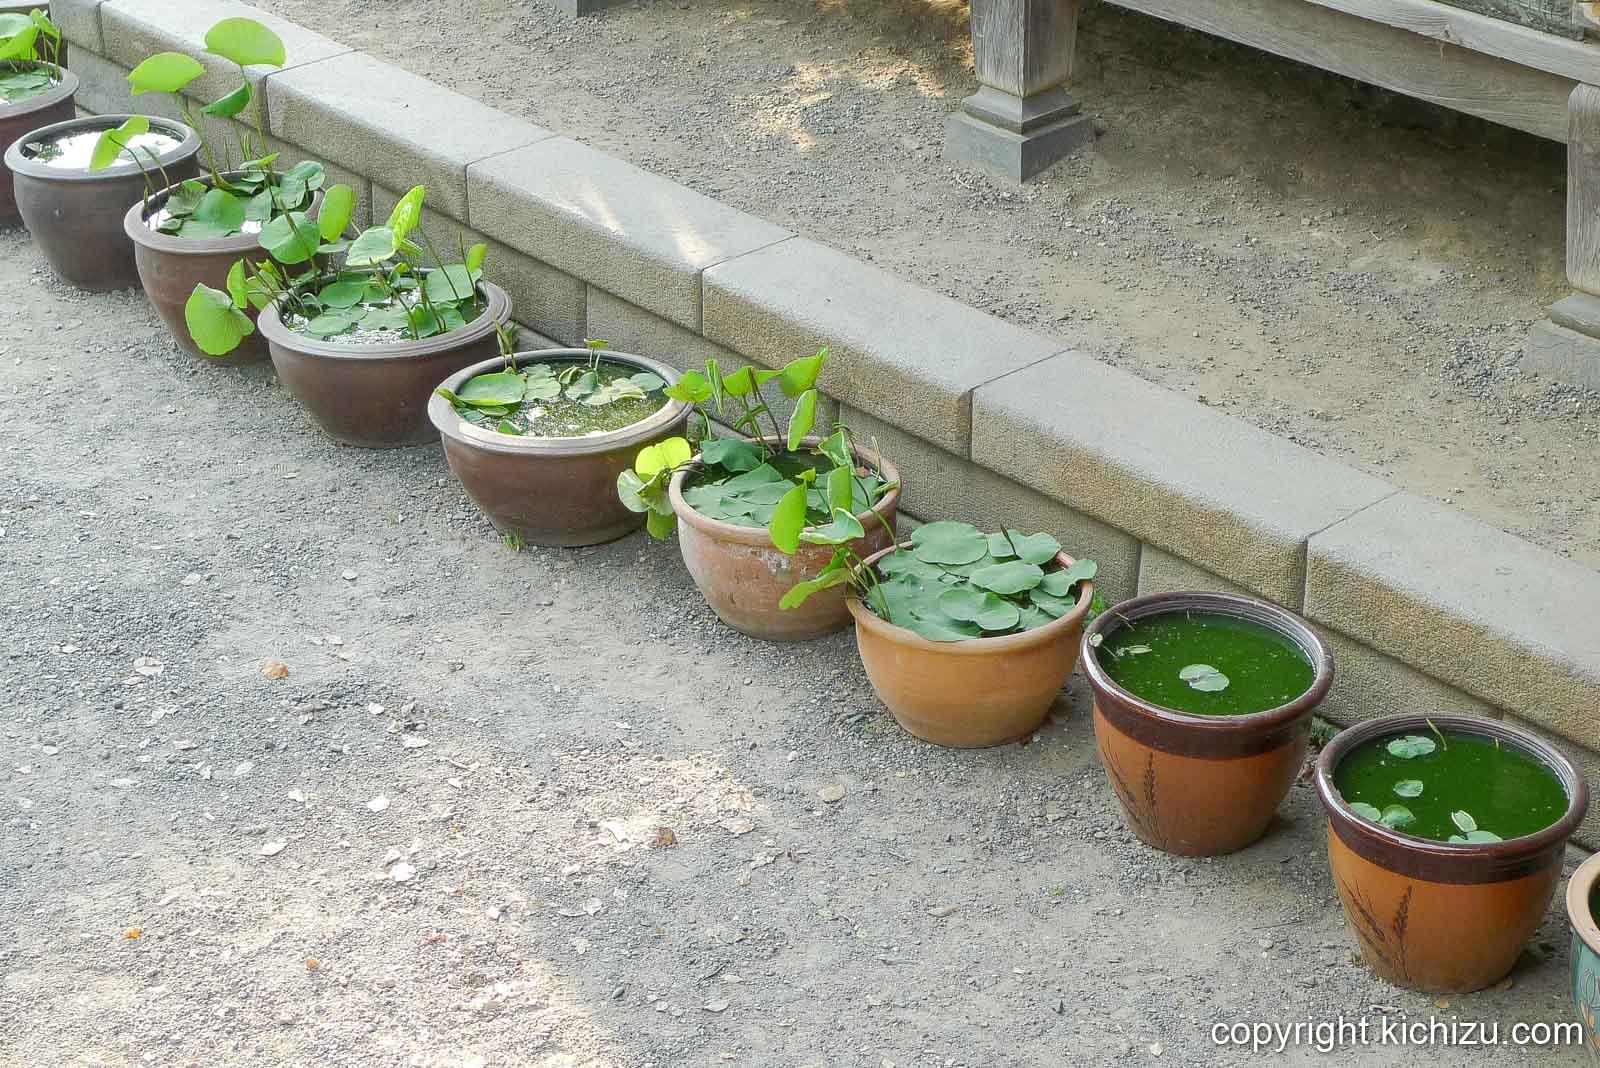 柴又帝釈天 水草の鉢